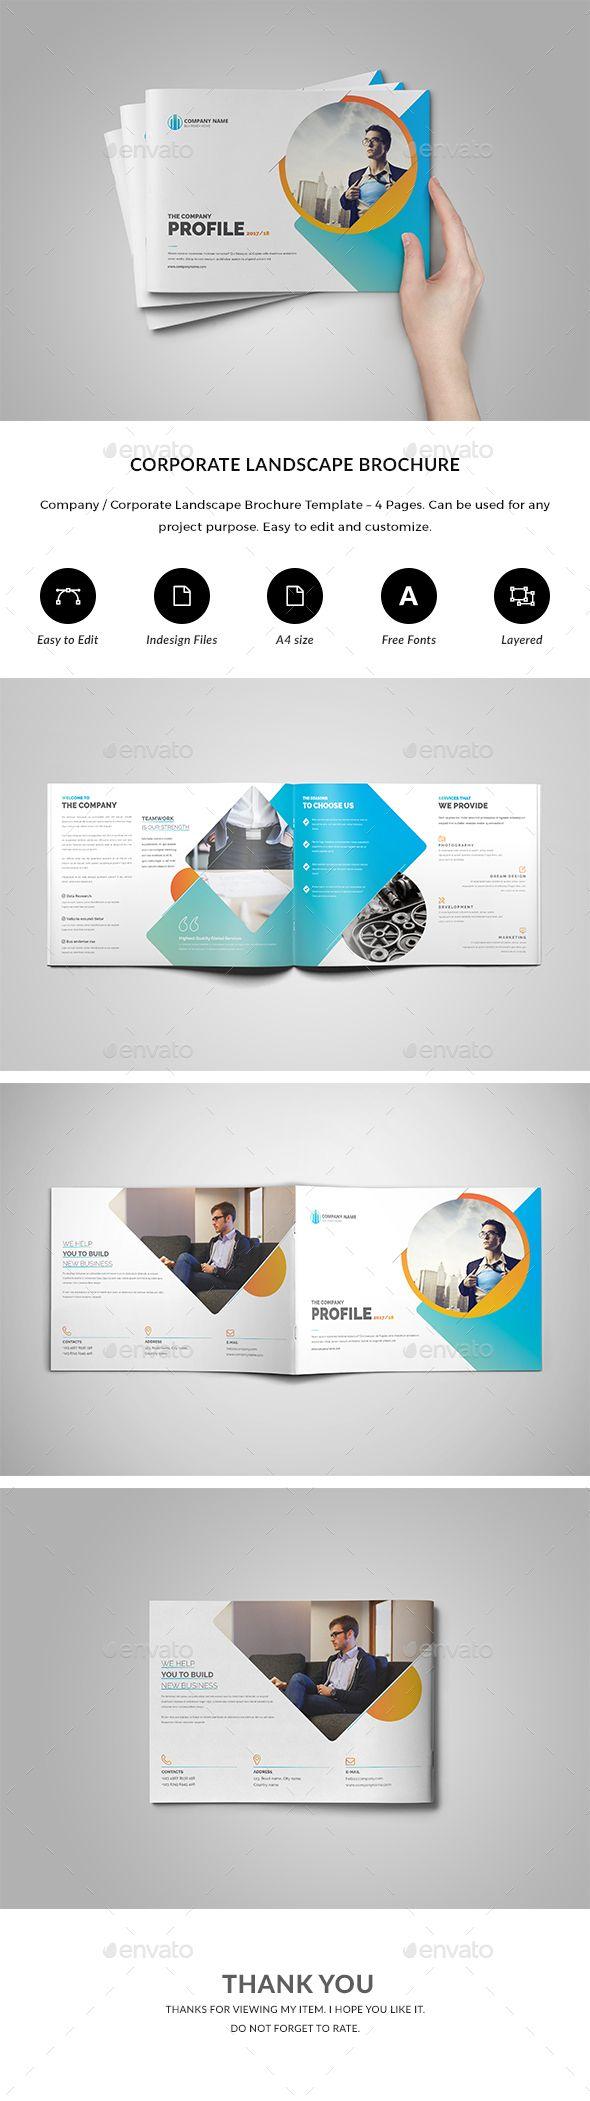 Company/Corporate Landscape Brochure - 4 pages | Folletos y Me gustas